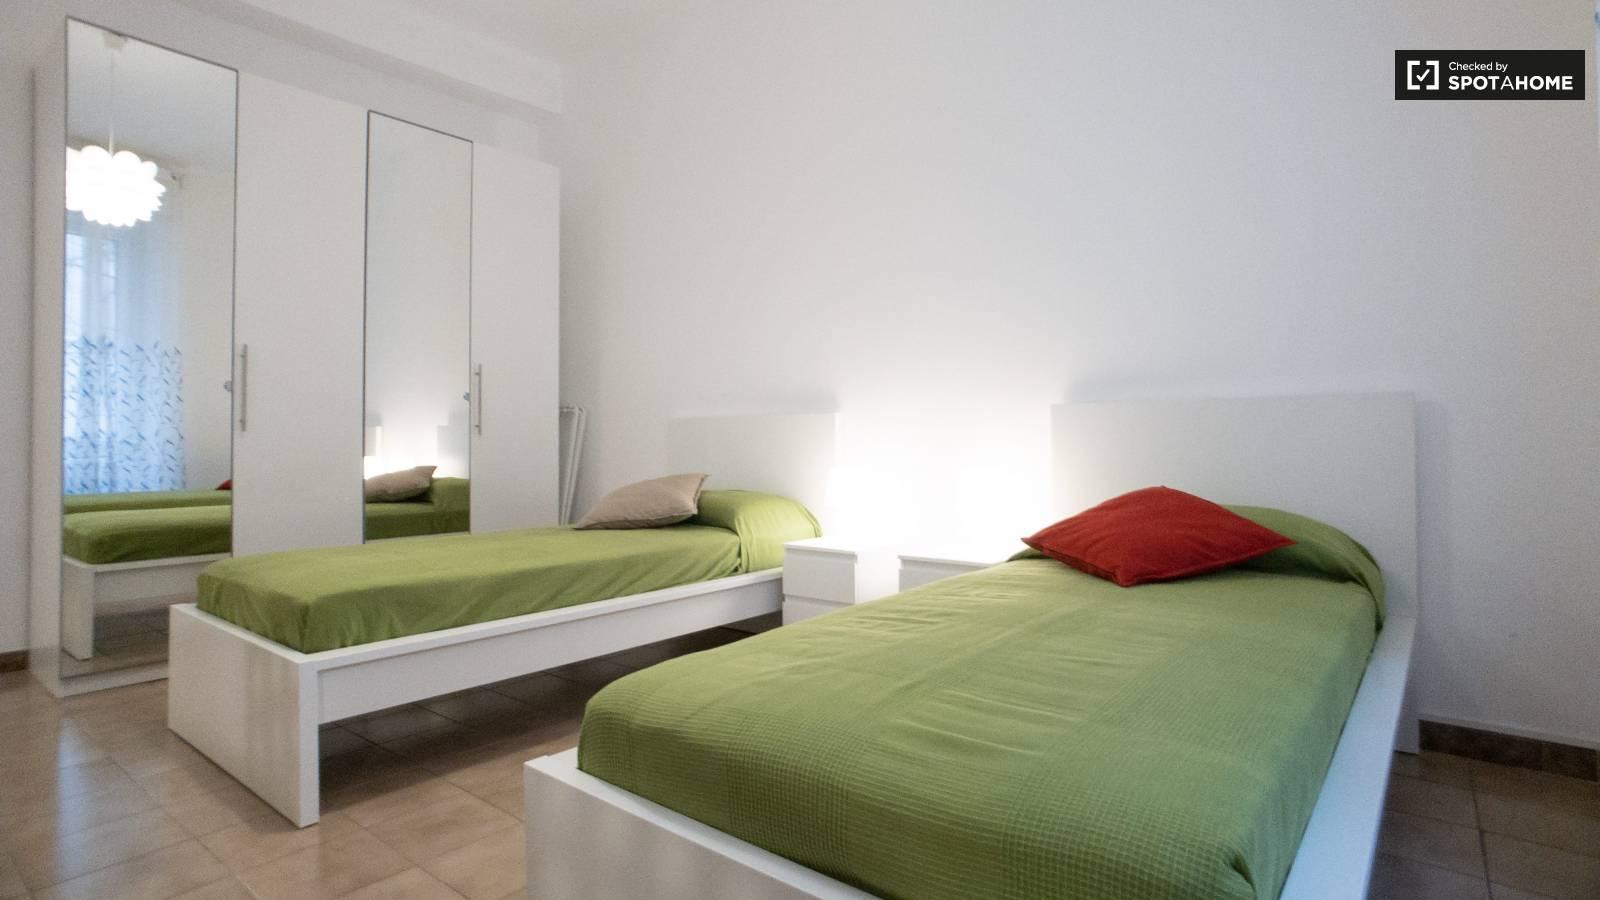 Bedroom 1 - bed 1